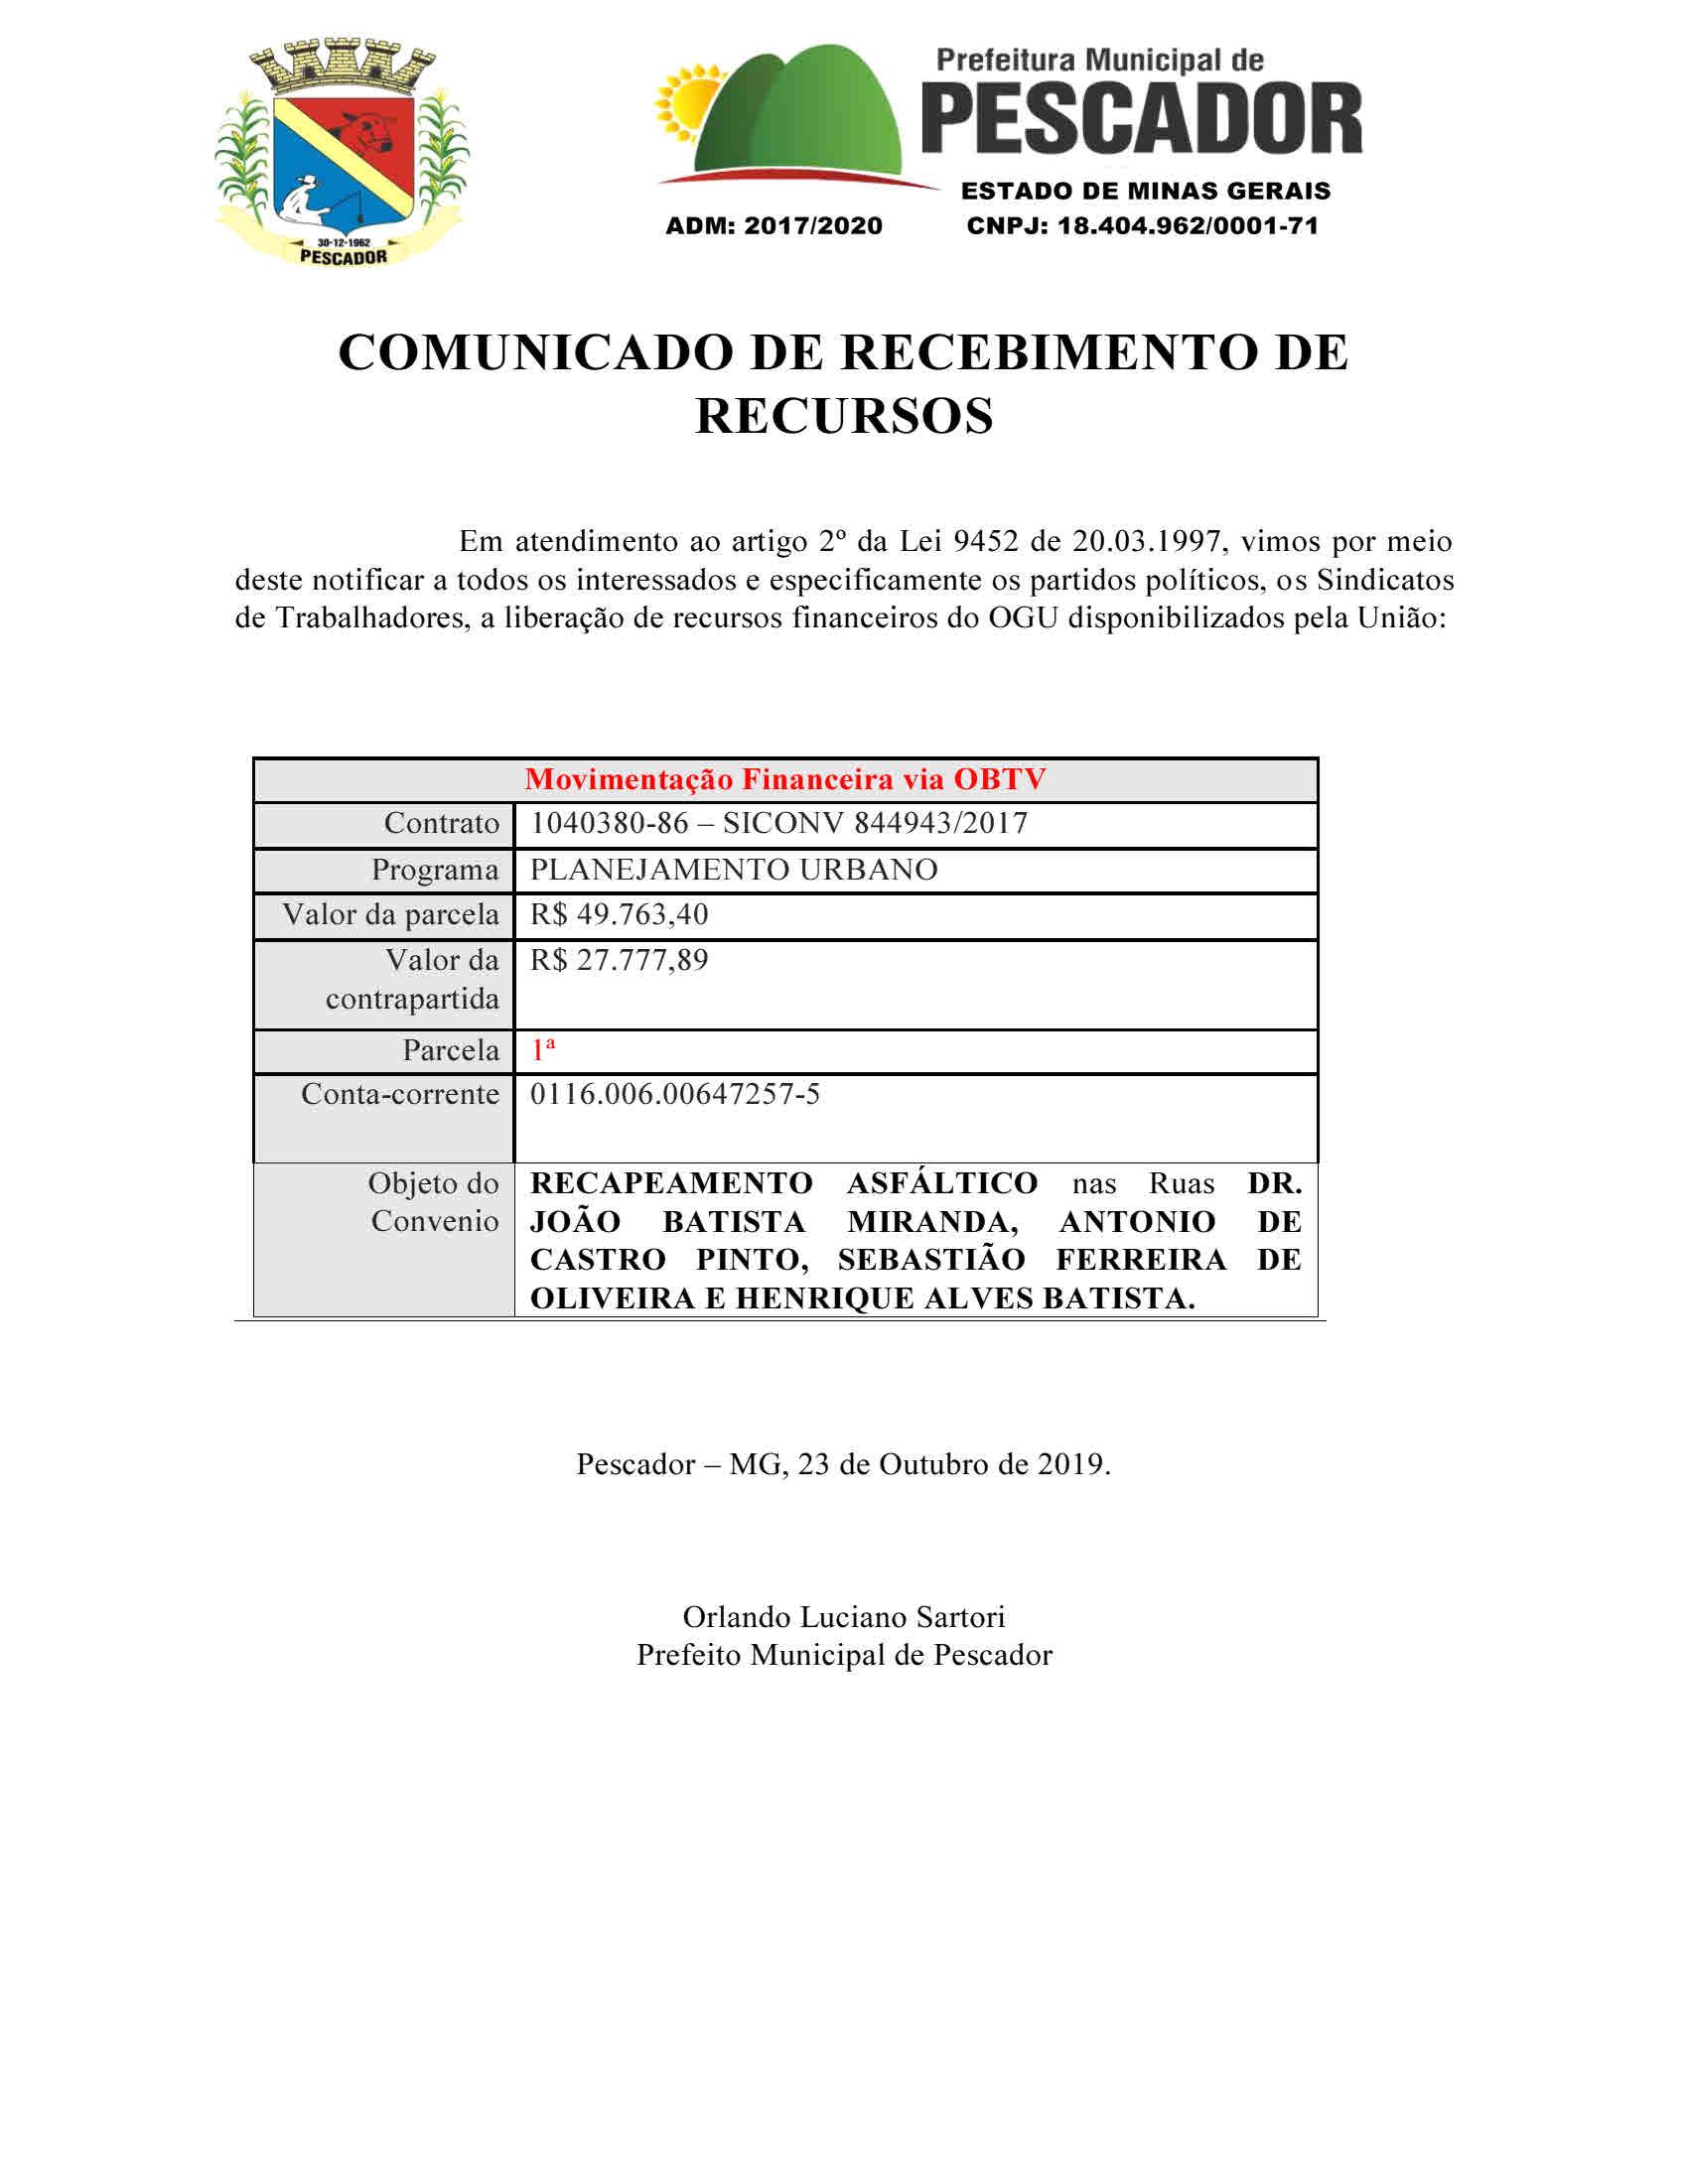 COMUNICADO DE RECEBIMENTO DE RECURSOS